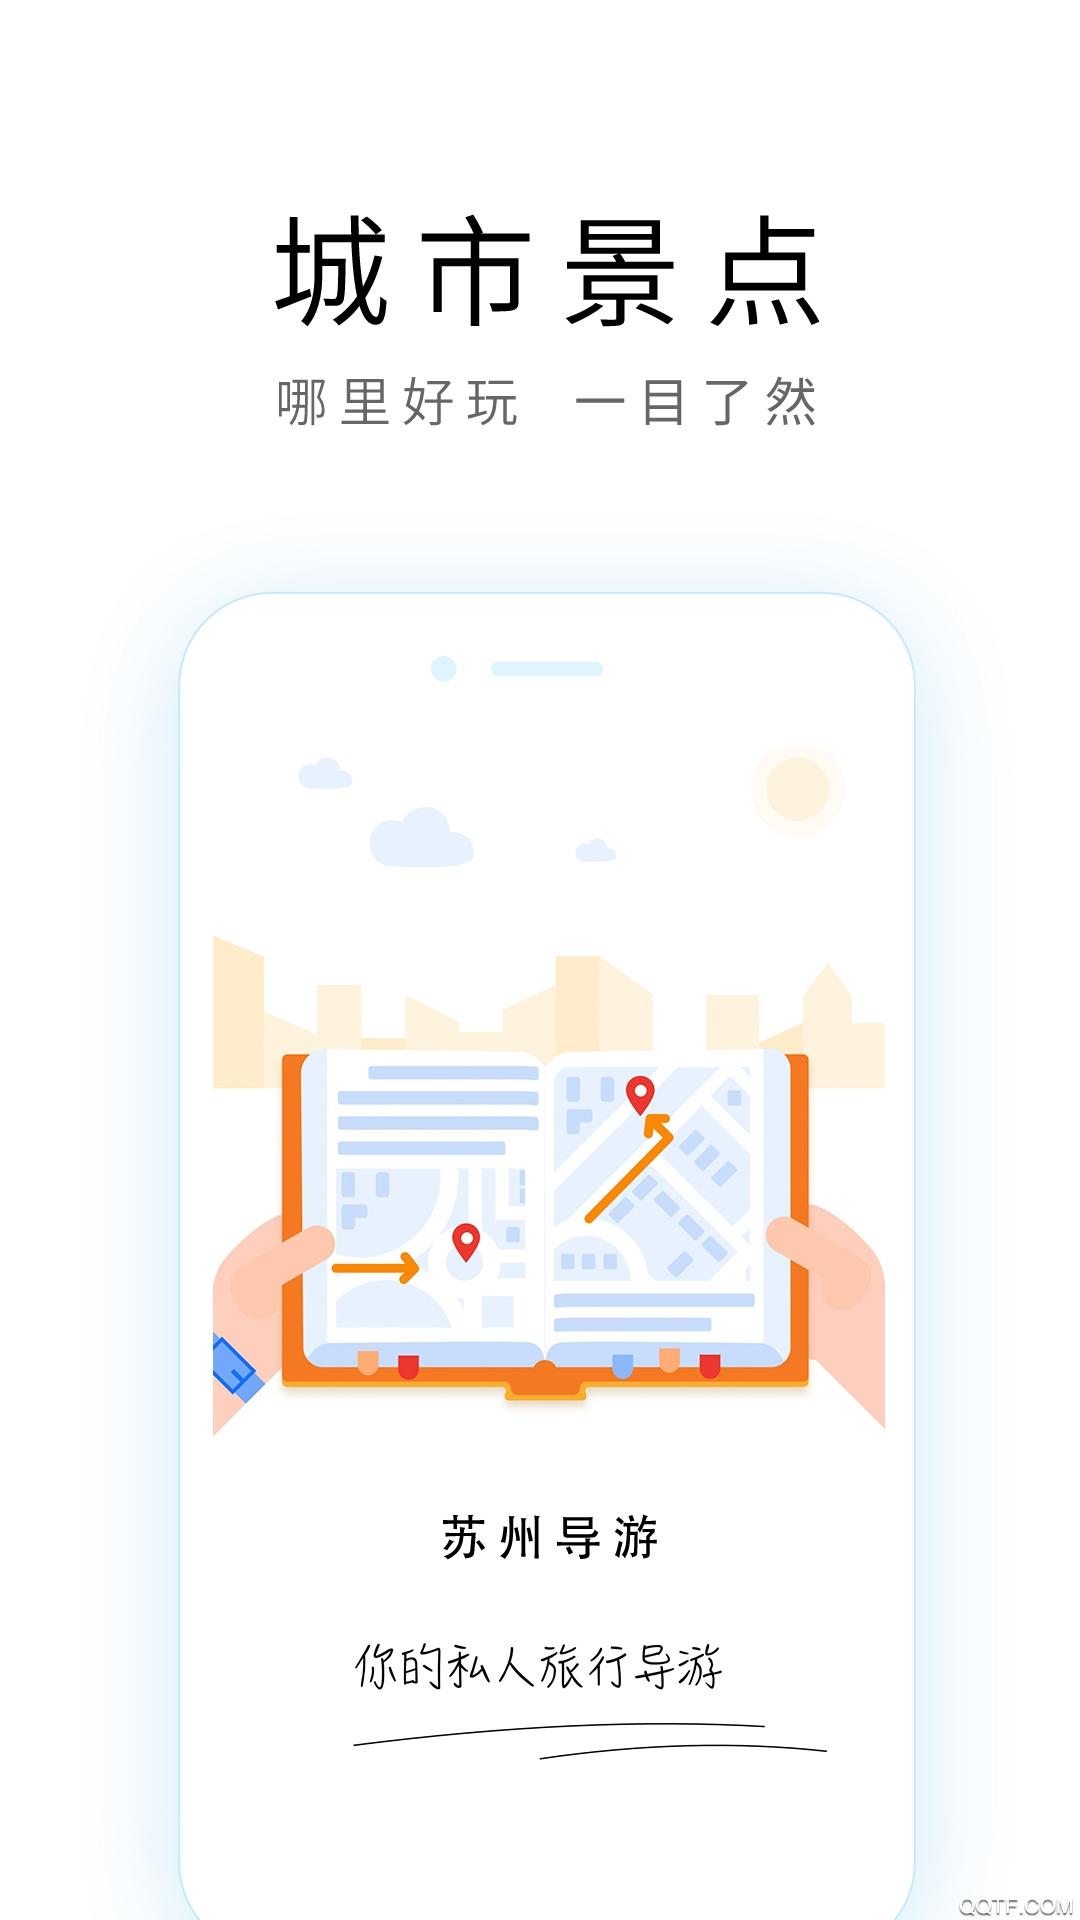 苏州导游精准版v2.0.0 安卓版